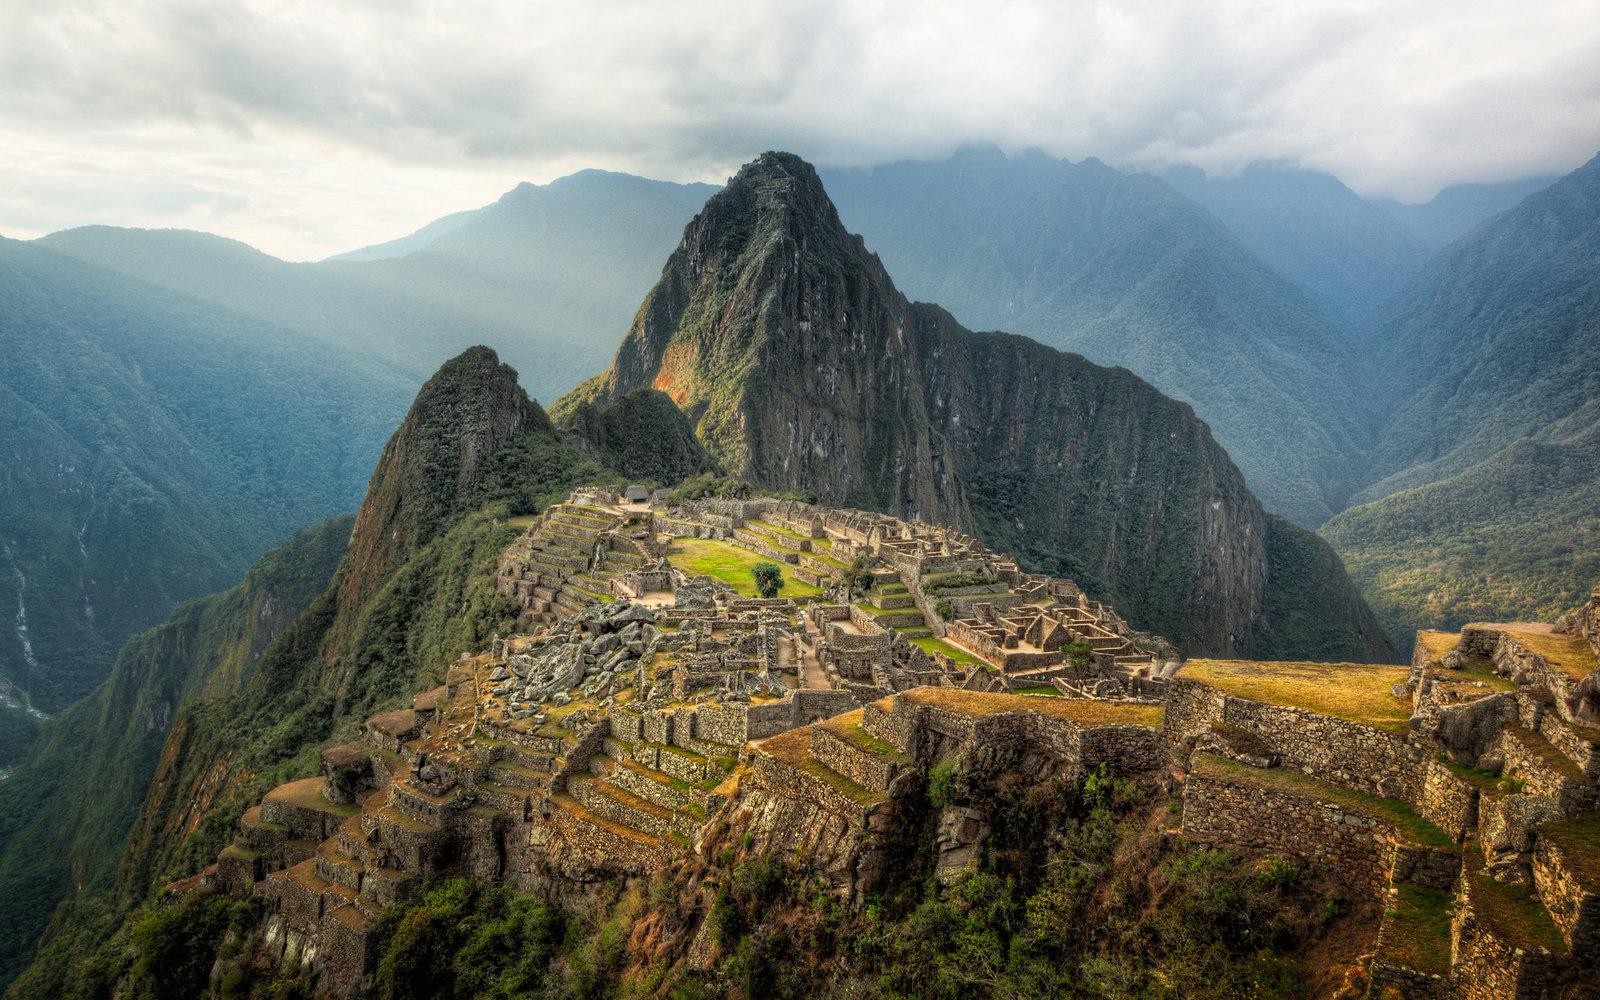 Finobra Peru